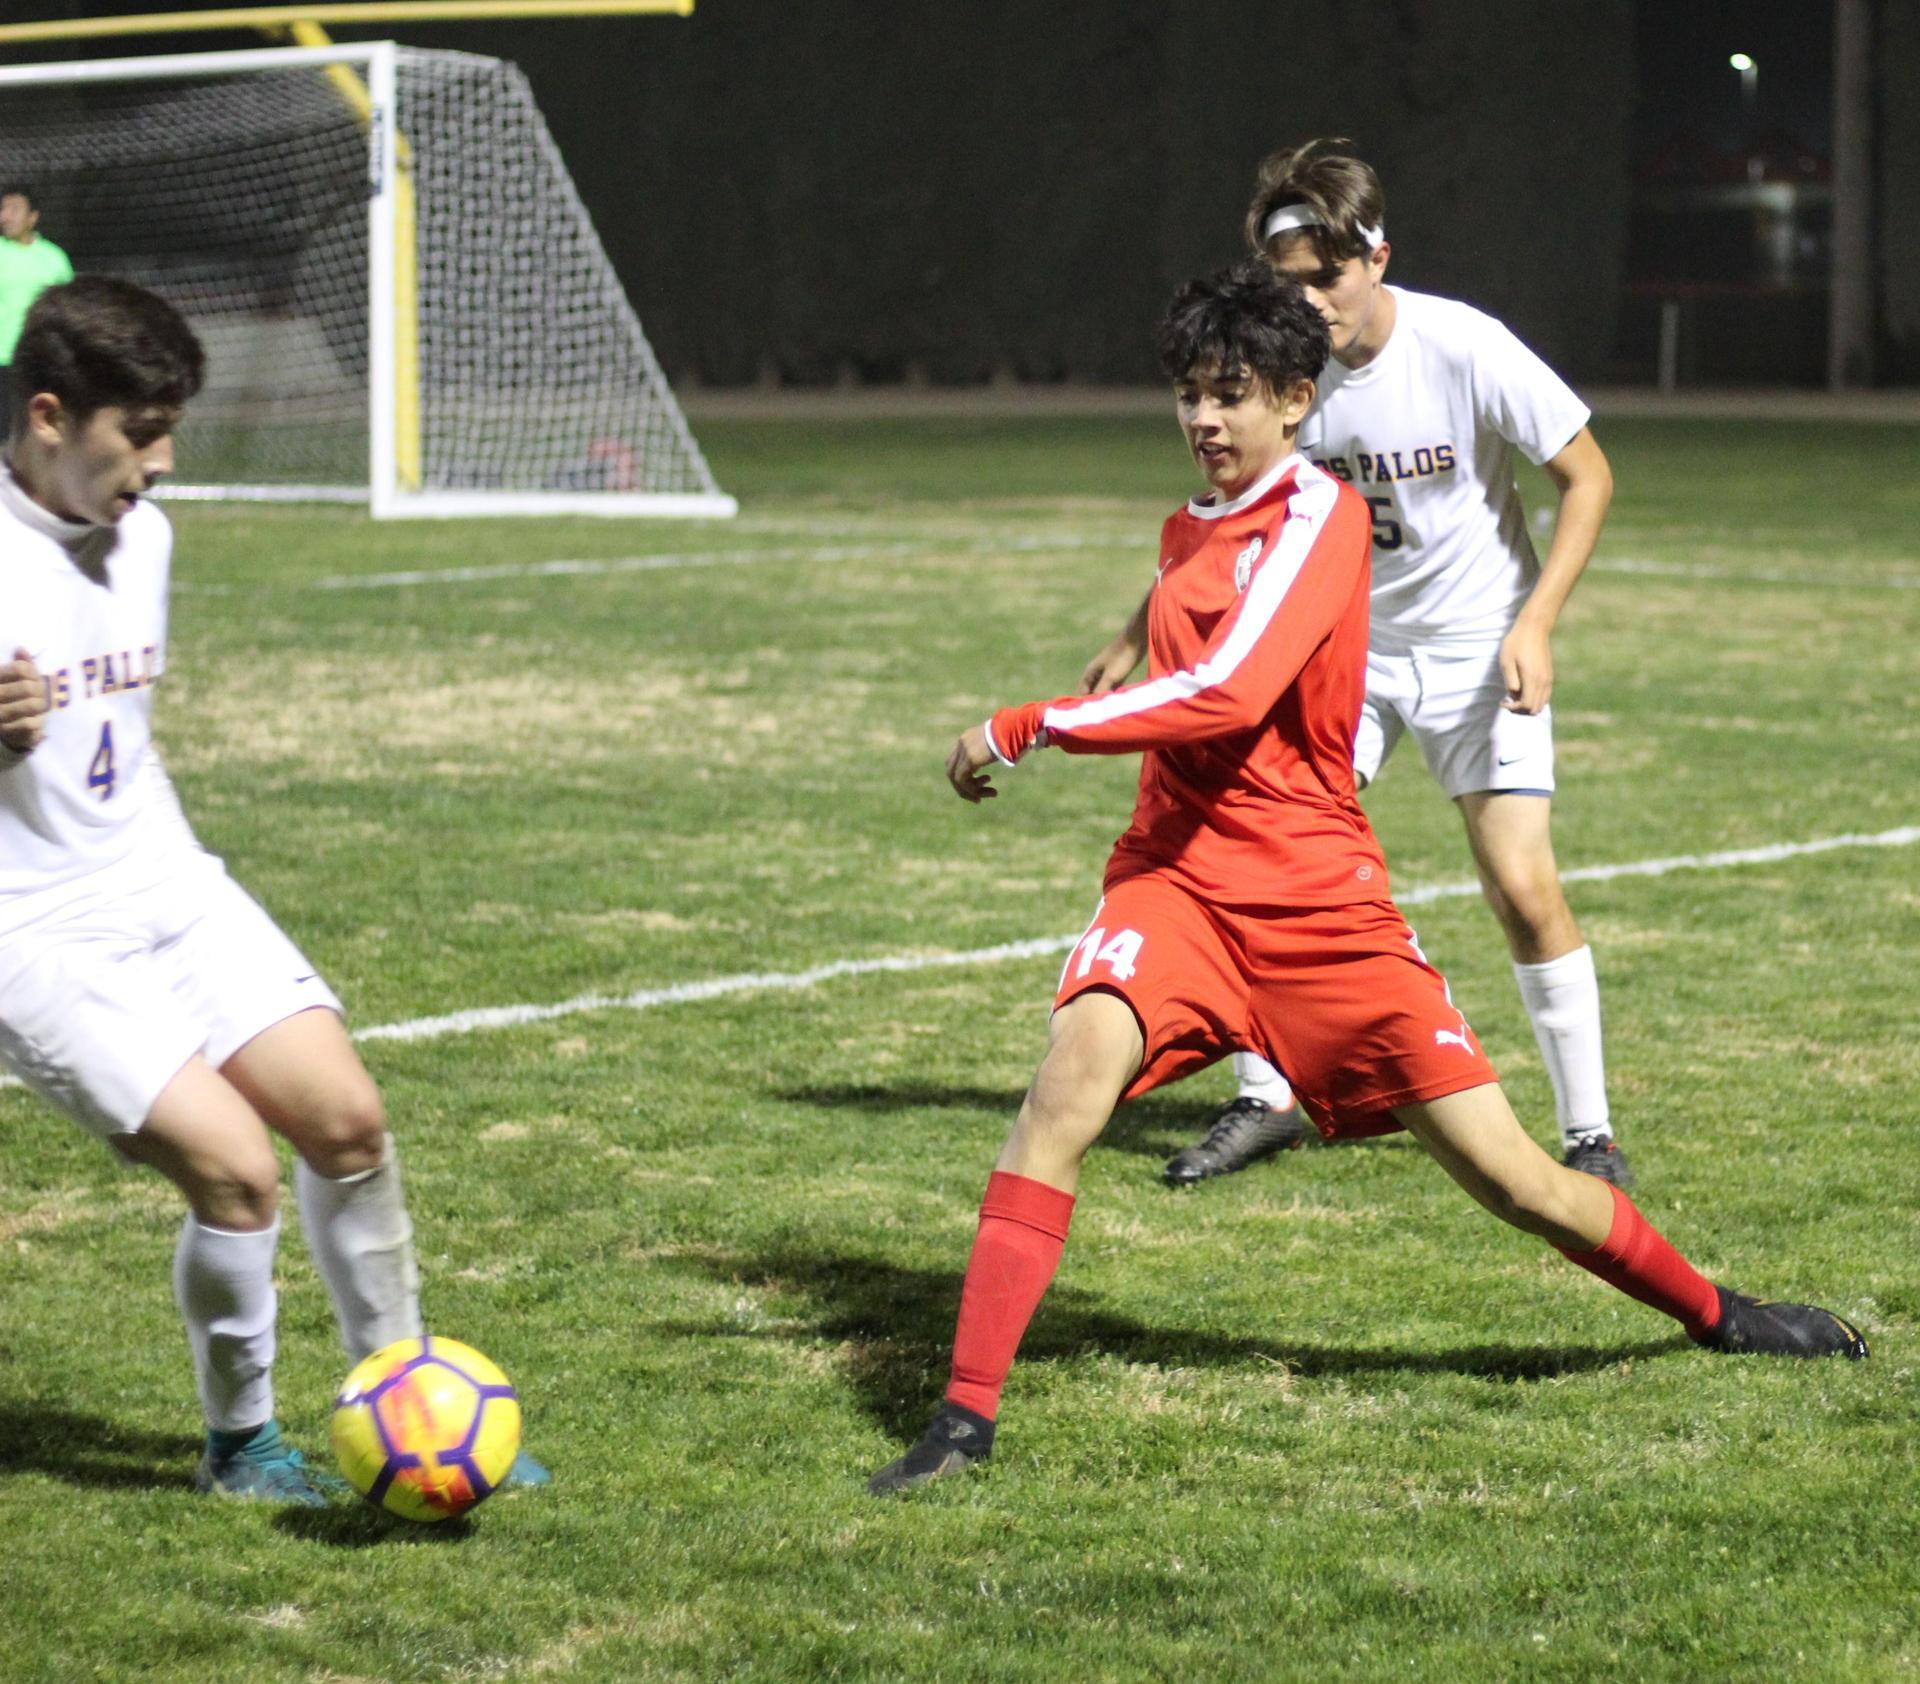 Ruben Villalobos going for the ball